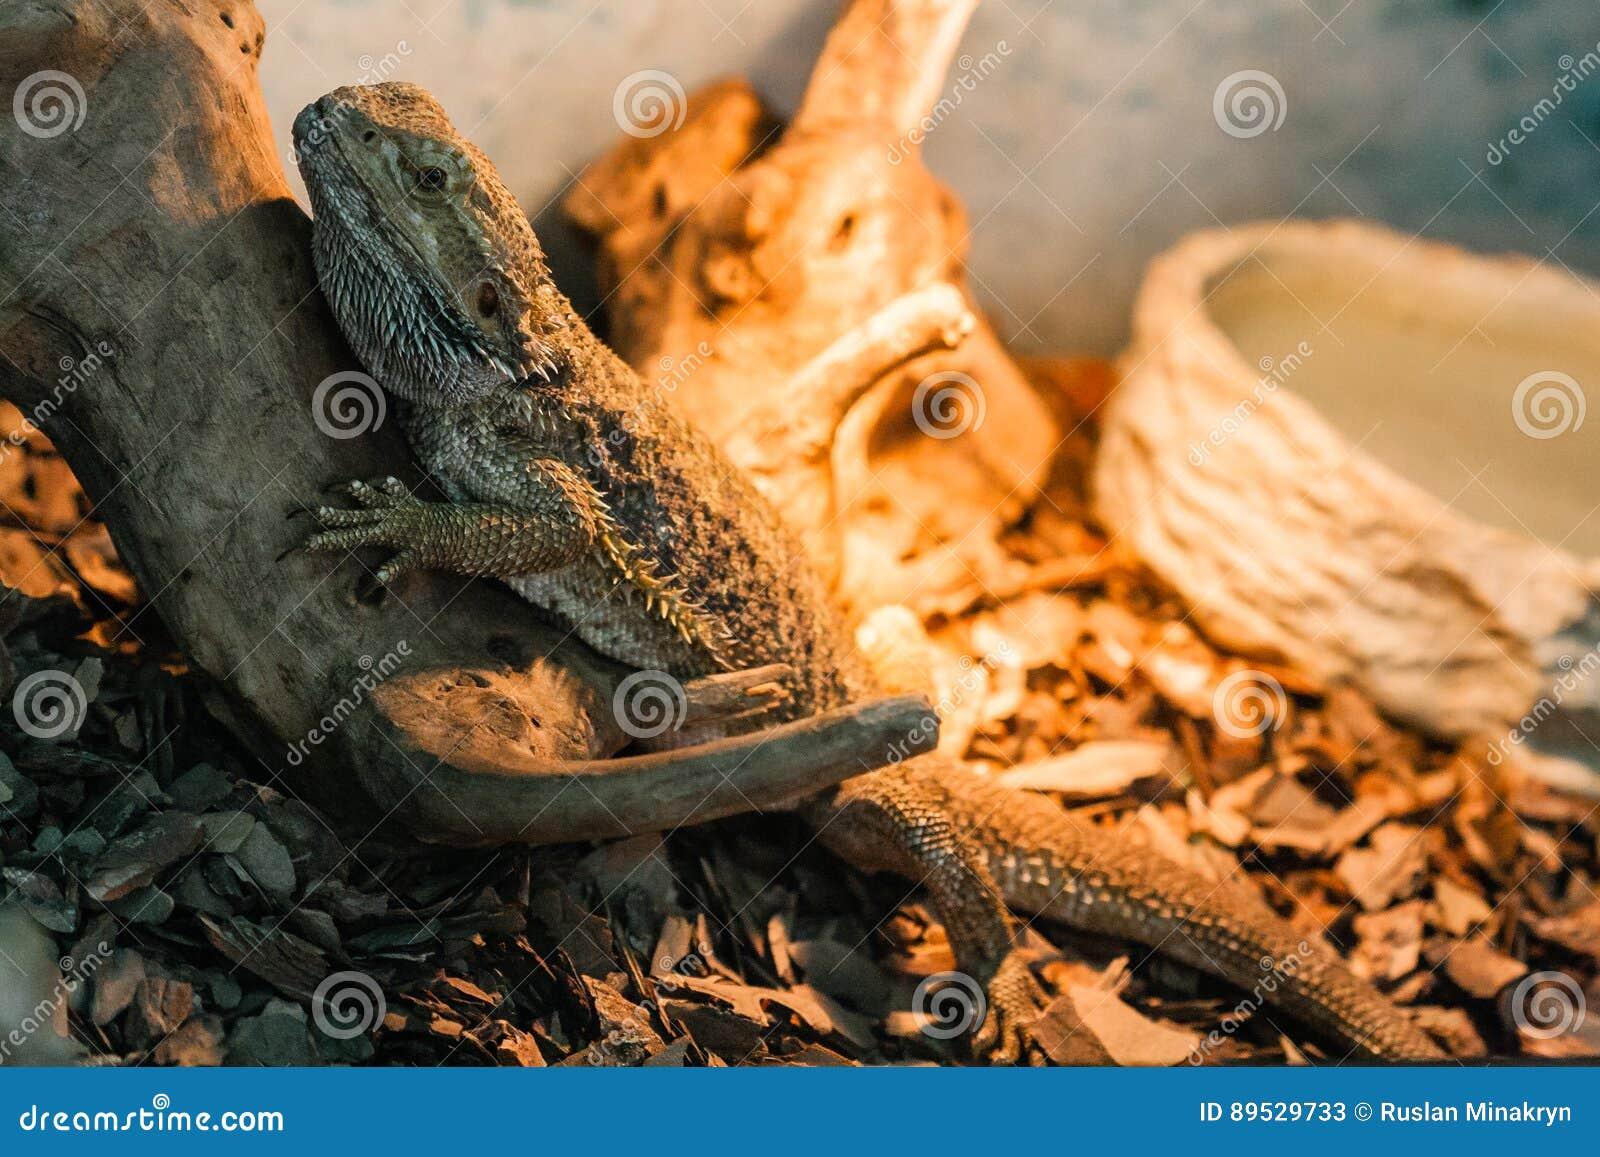 The bearded agama sits on a snag